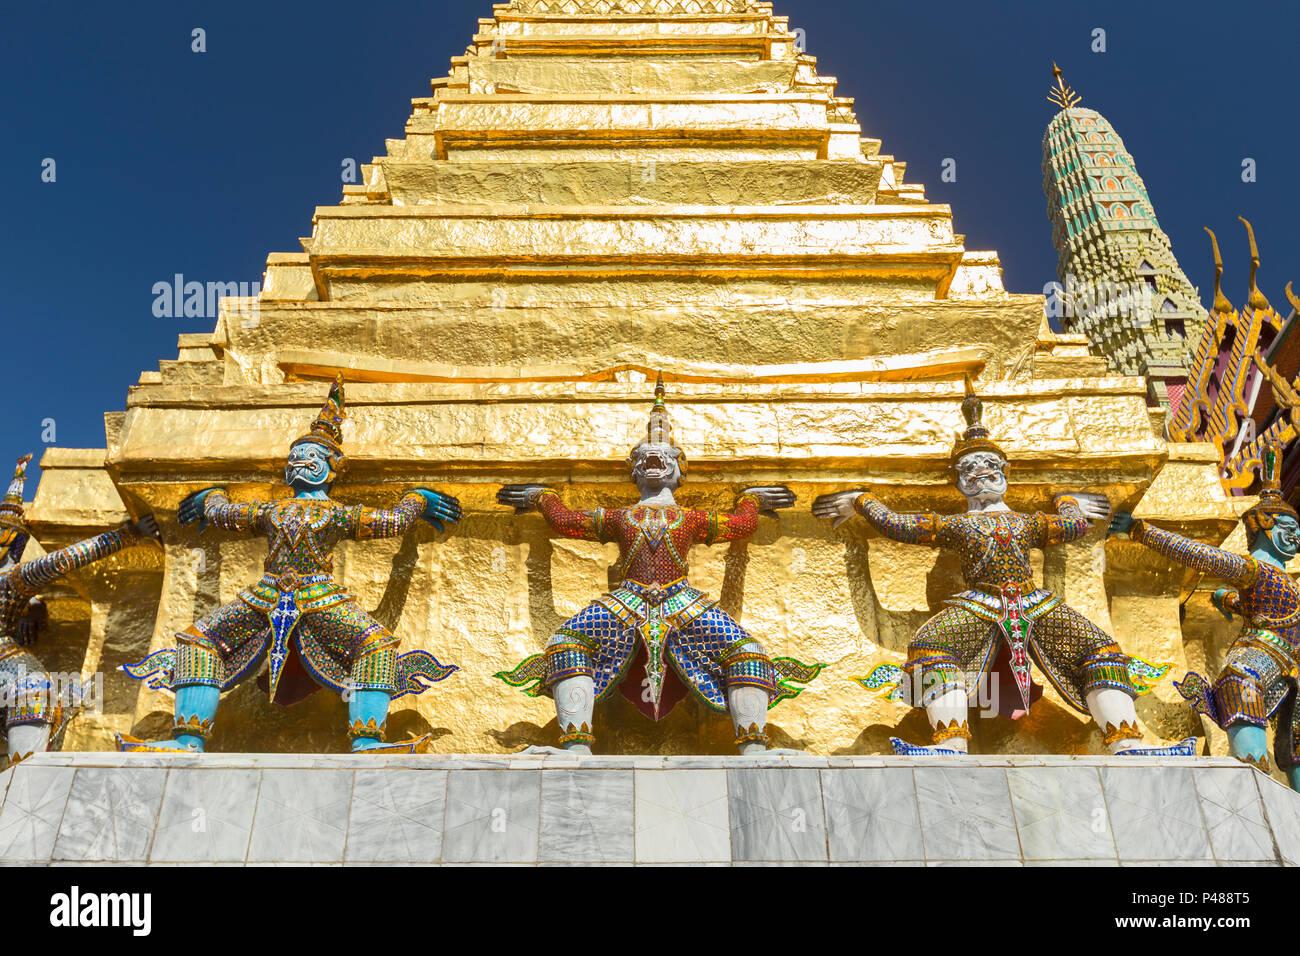 Guardian statues on the base of a golden chedi at Wat Phra Kaeo, the Royal Grand Palace, Bangkok,Thailand - Stock Image